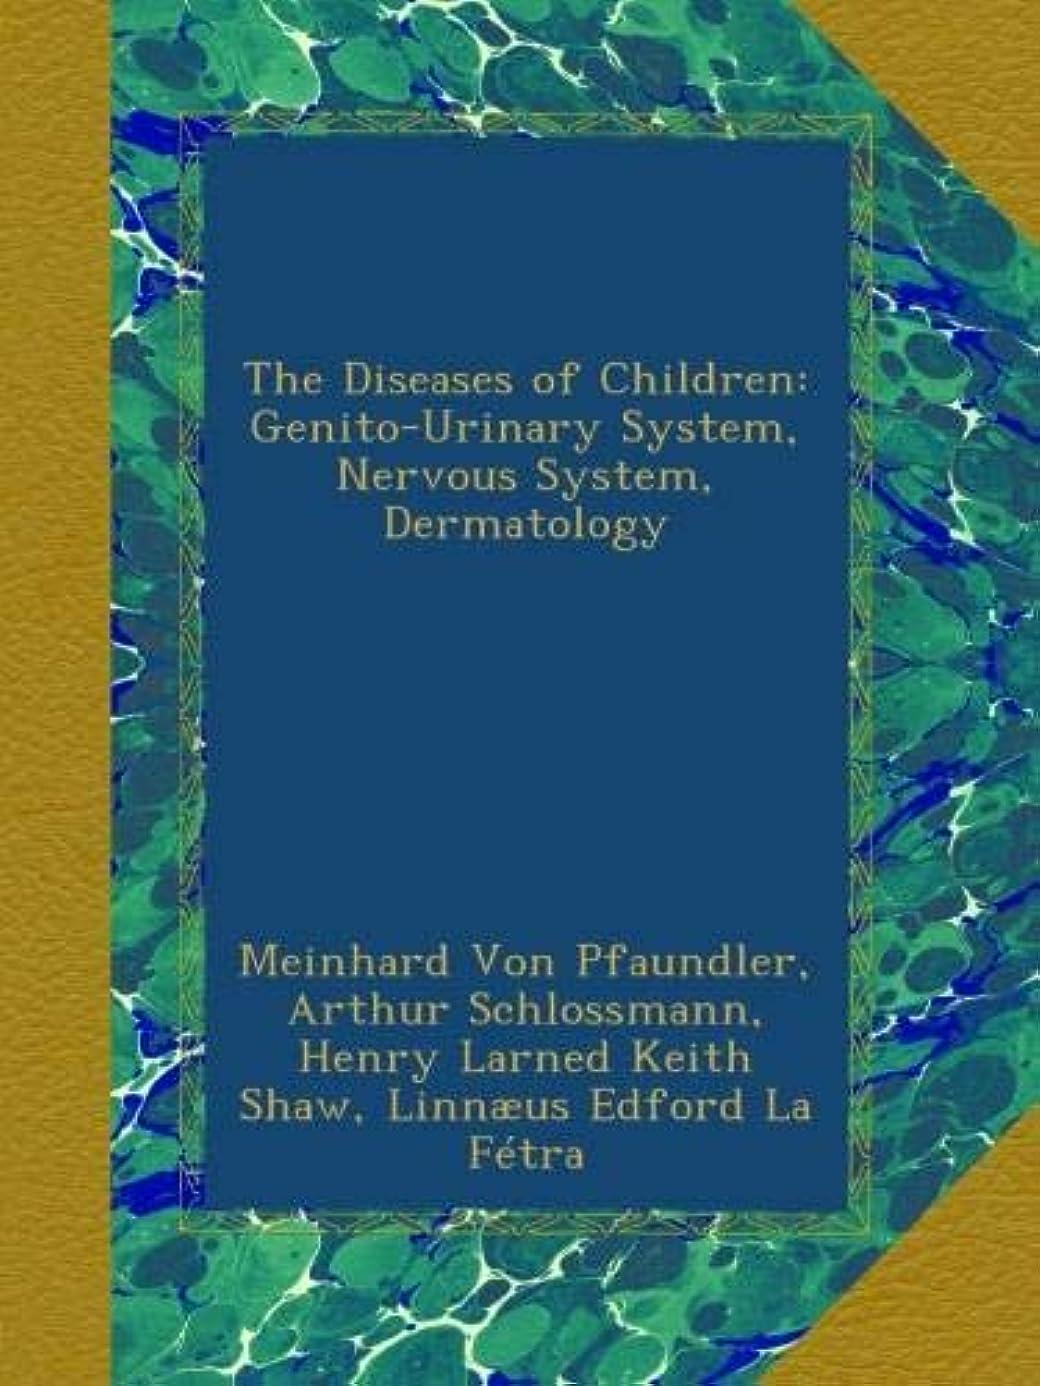 困惑した原子炉クライアントThe Diseases of Children: Genito-Urinary System, Nervous System, Dermatology